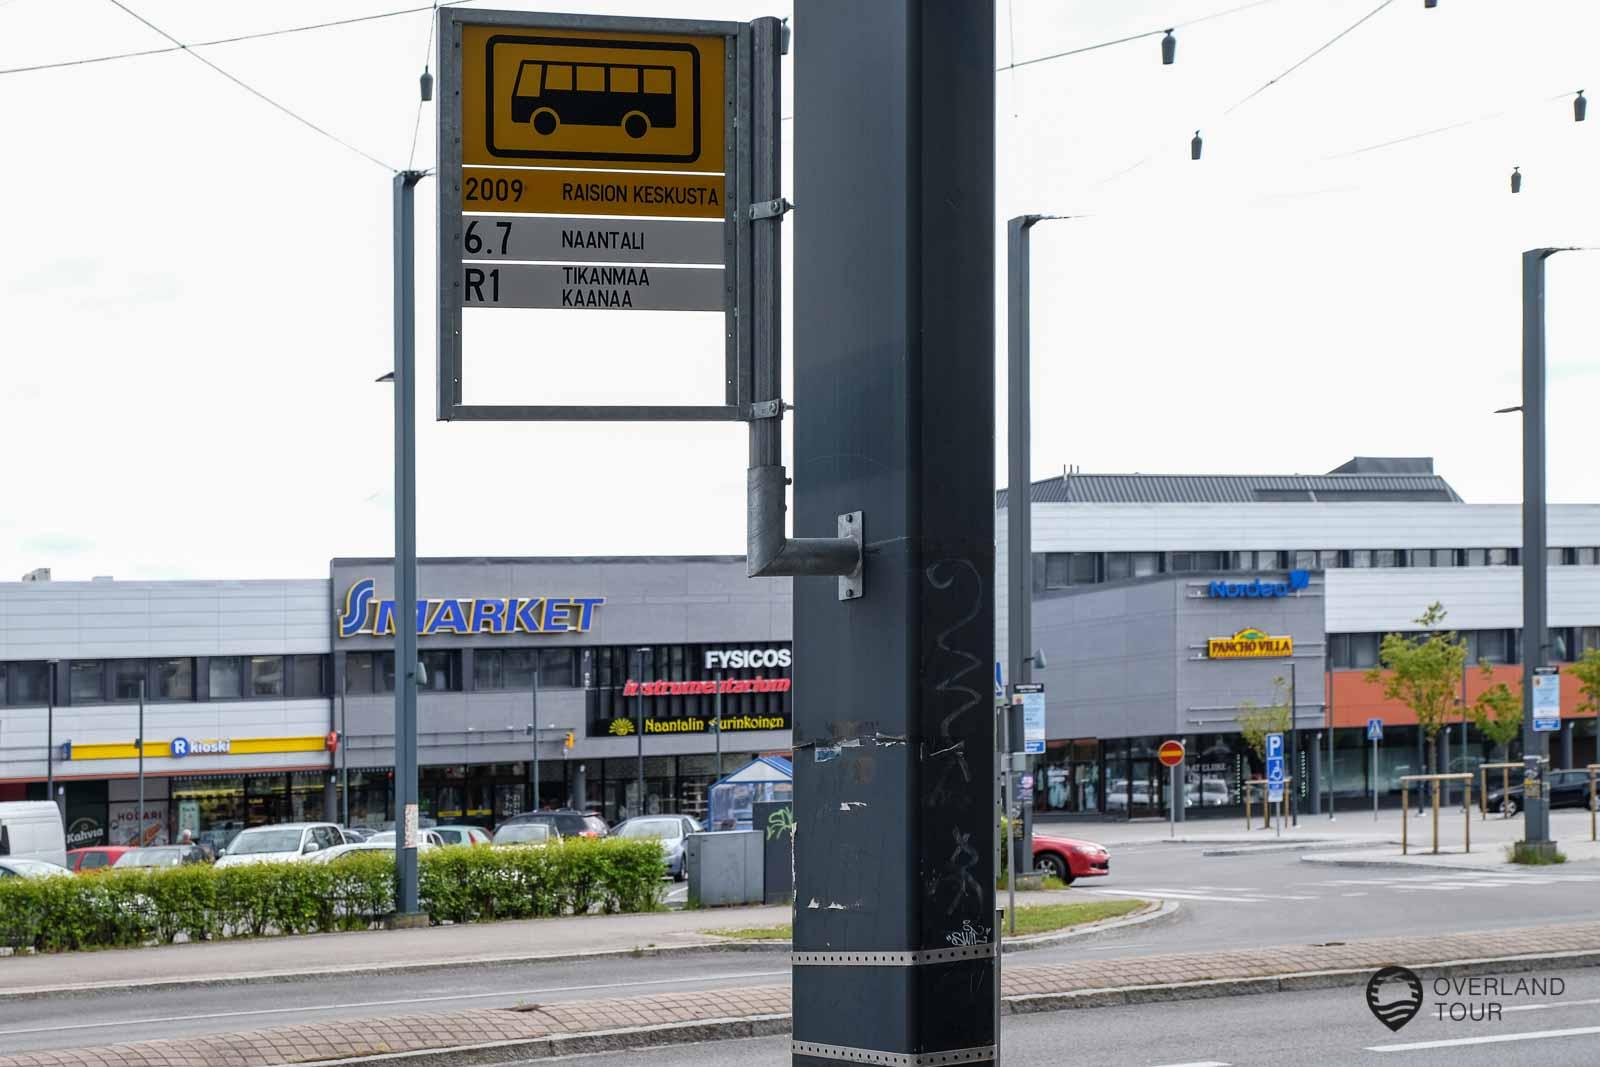 In Raisio musst du umsteigen. Die Bushaltestelle nach Naantali ist etwas versteckt, nur an einem Lampenmast hängt ein Schild